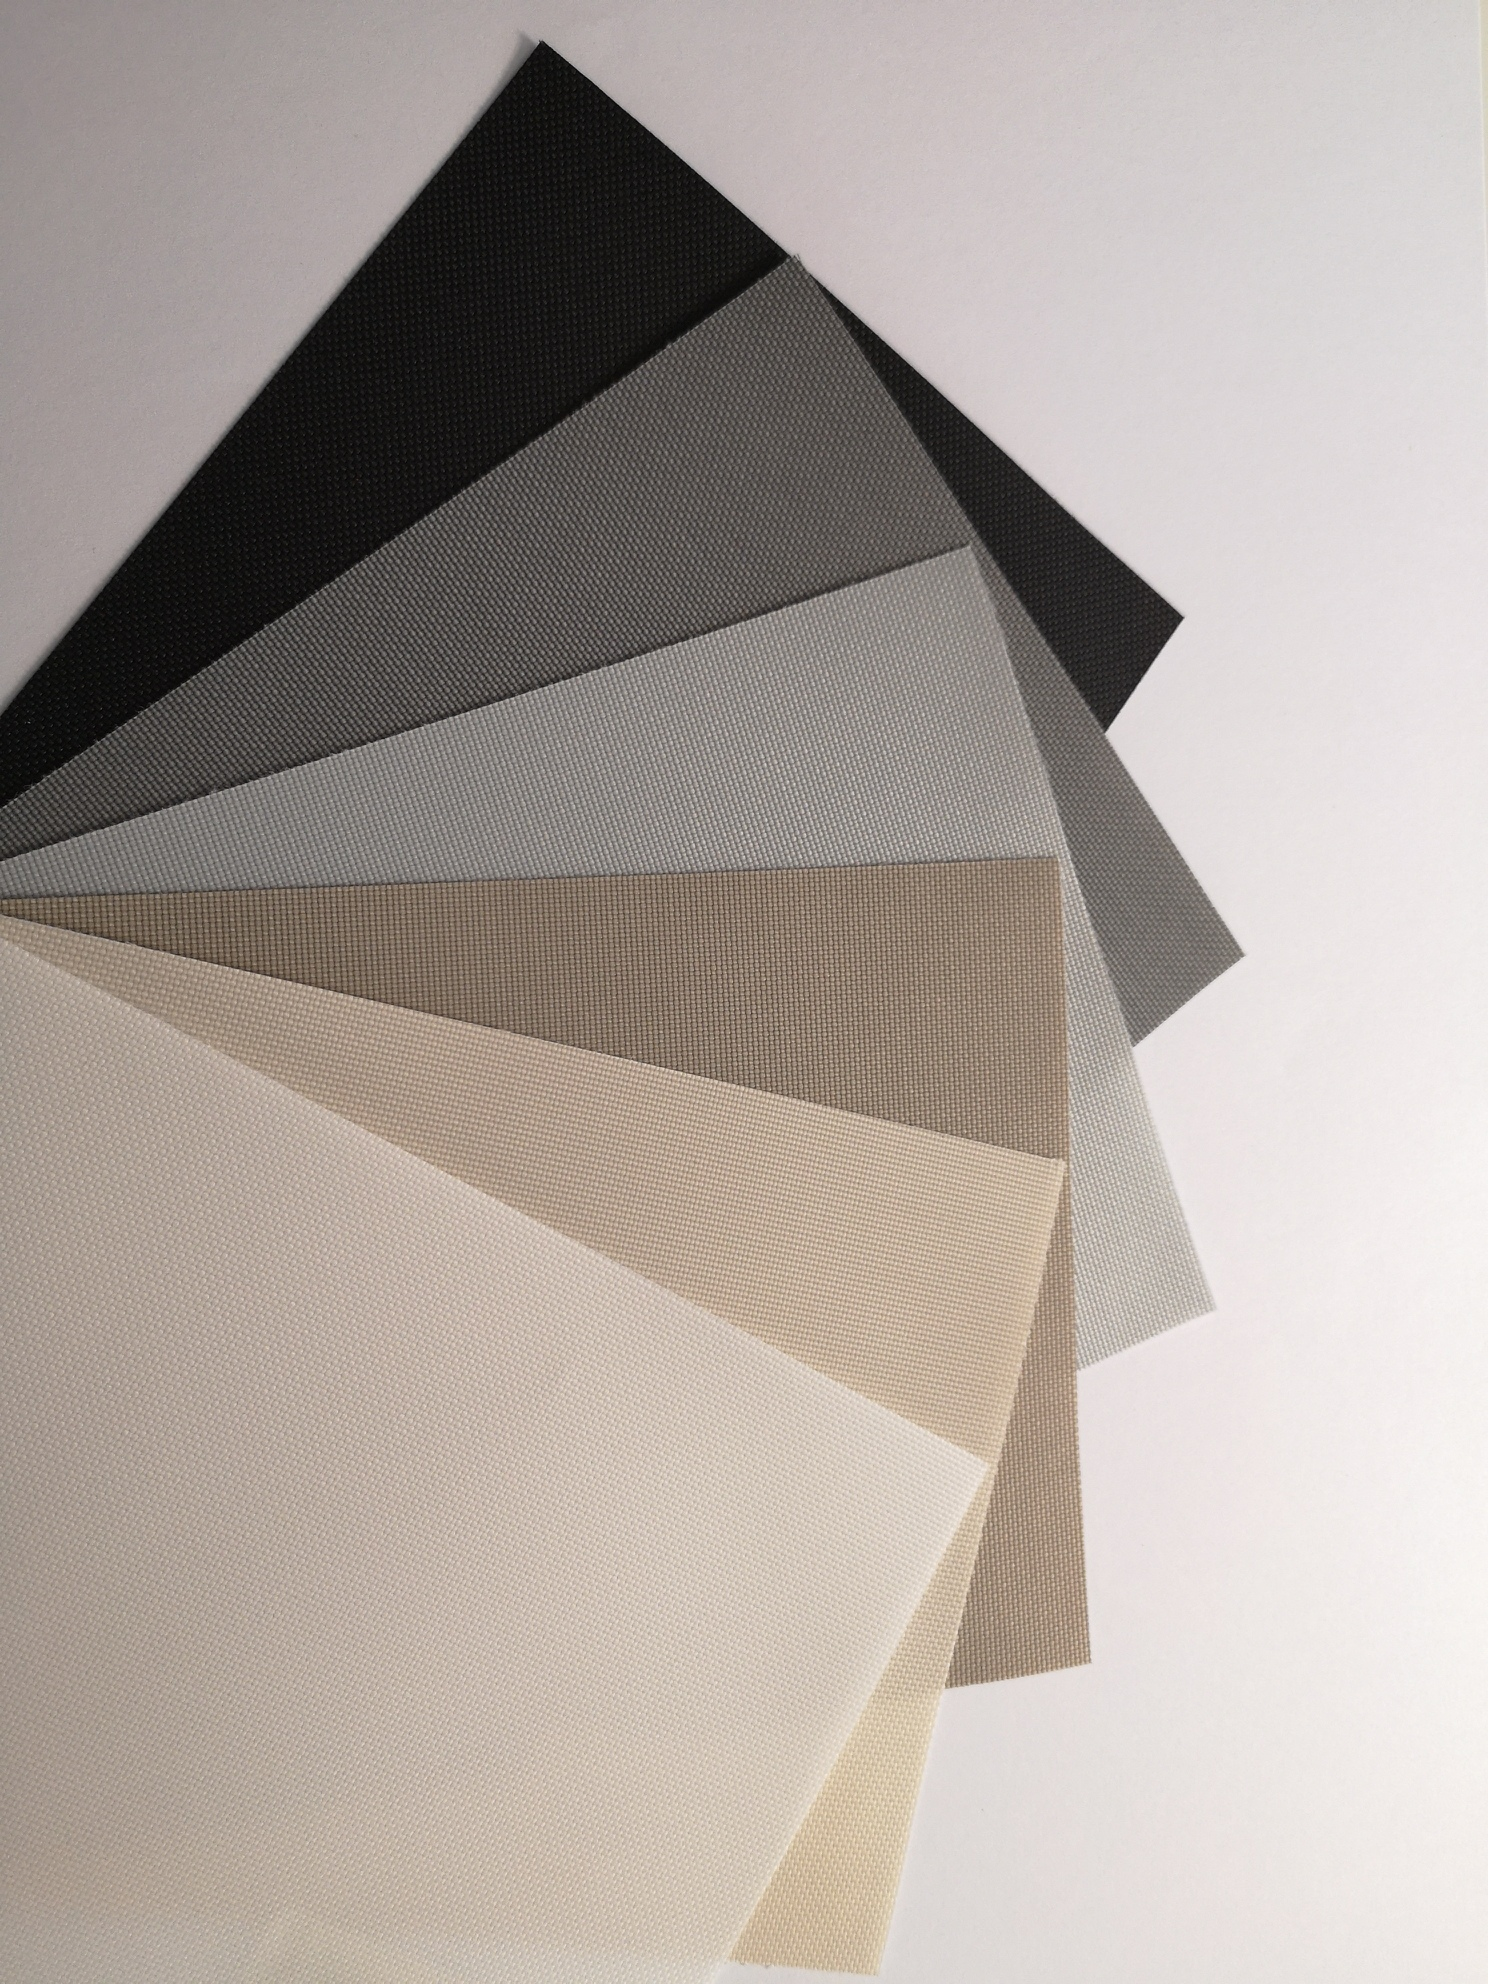 balkonschutz f r jedes gel nder und jeden geschmack von ombra. Black Bedroom Furniture Sets. Home Design Ideas